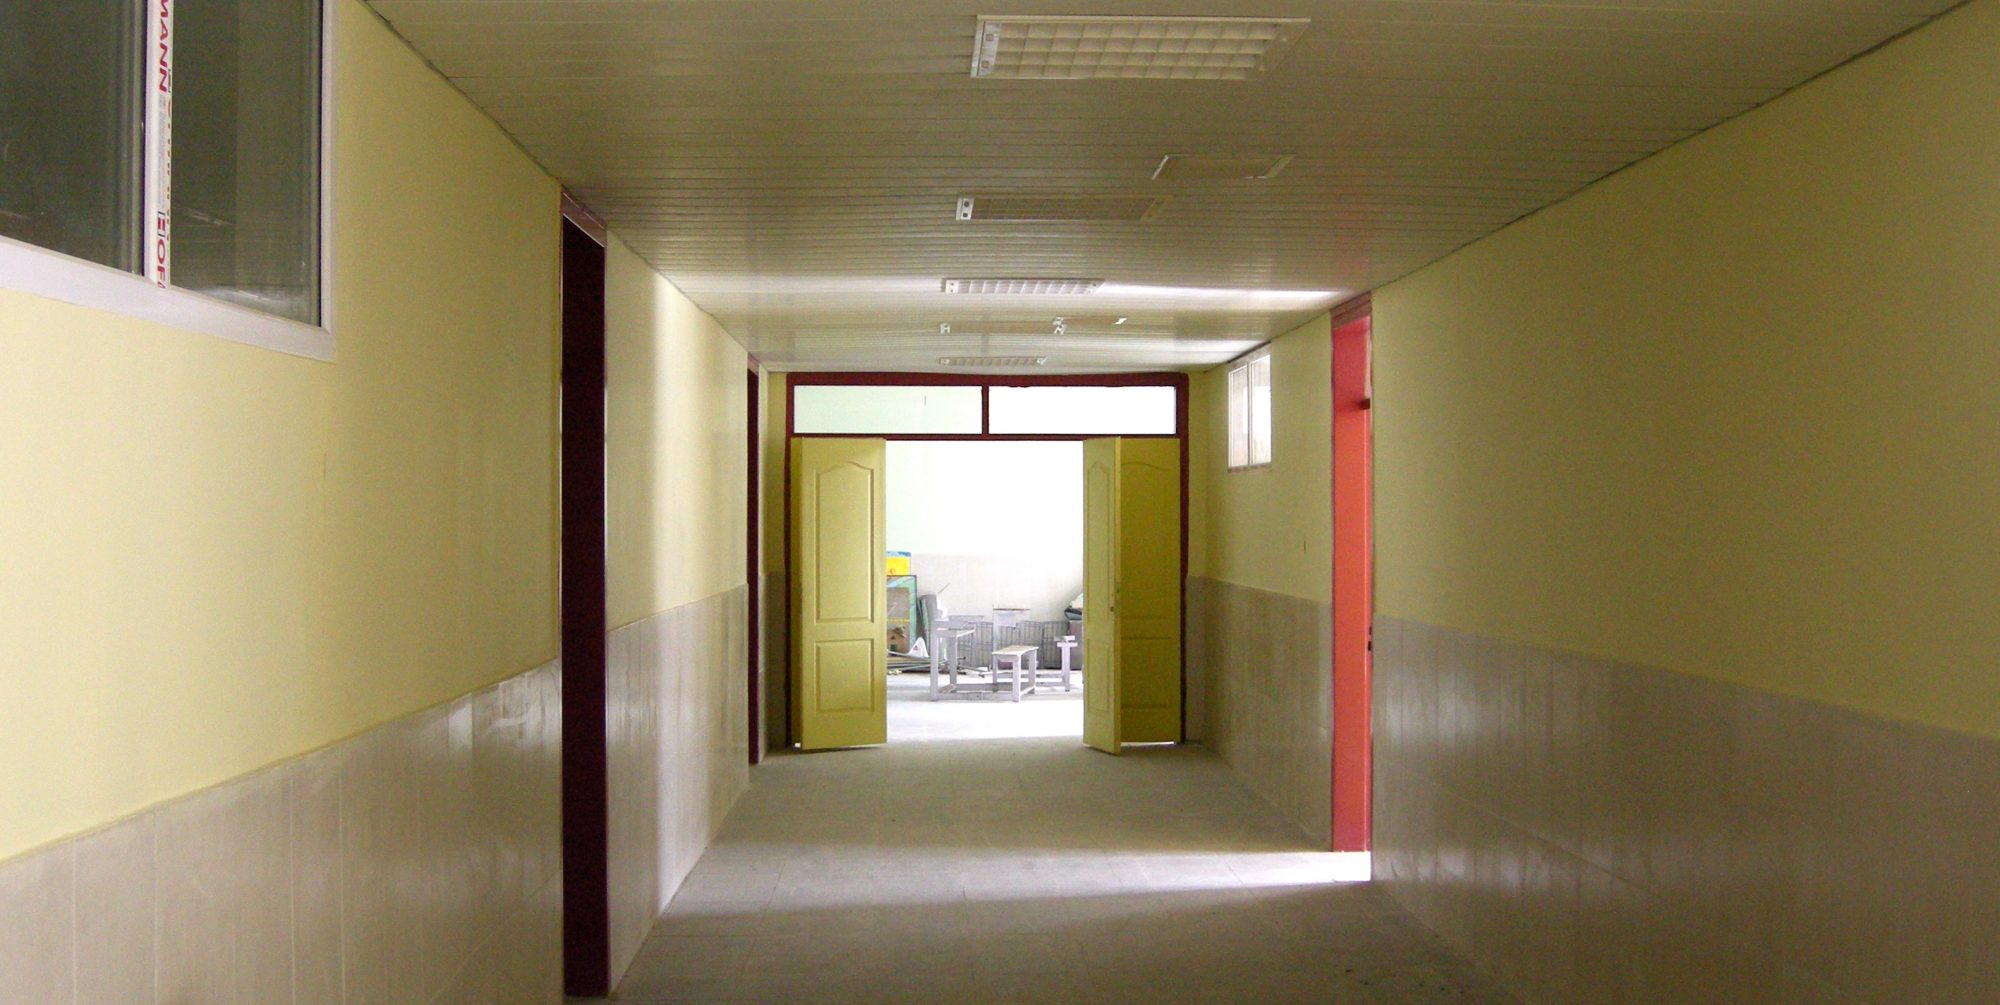 دیوارهای داخلی با ال اس اف